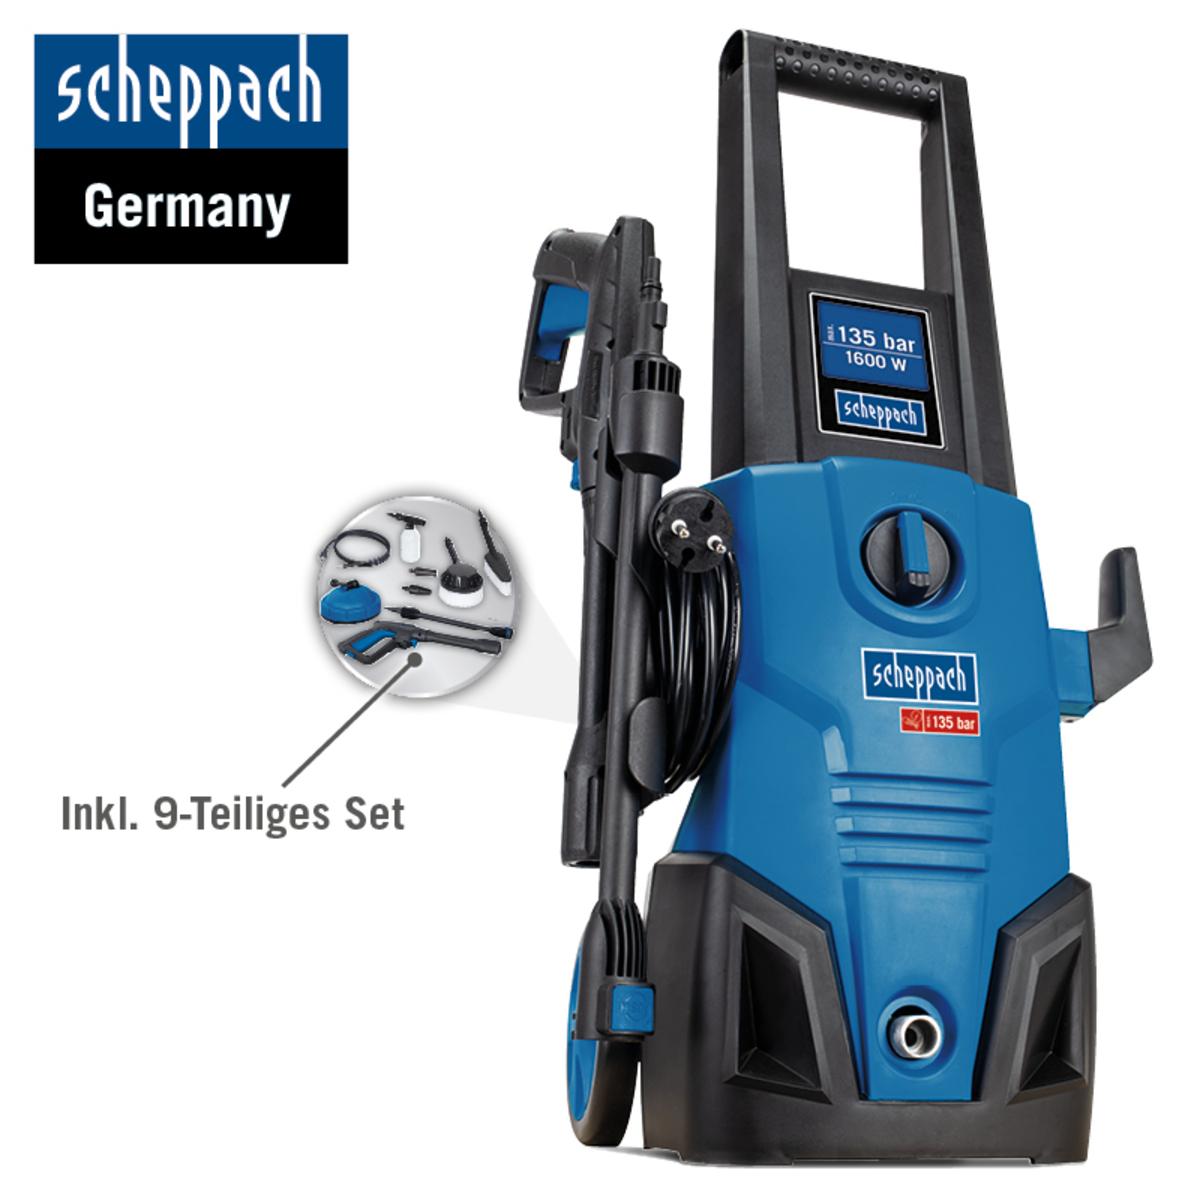 Bild 2 von Scheppach Hochdruckreiniger HCE1600 SE